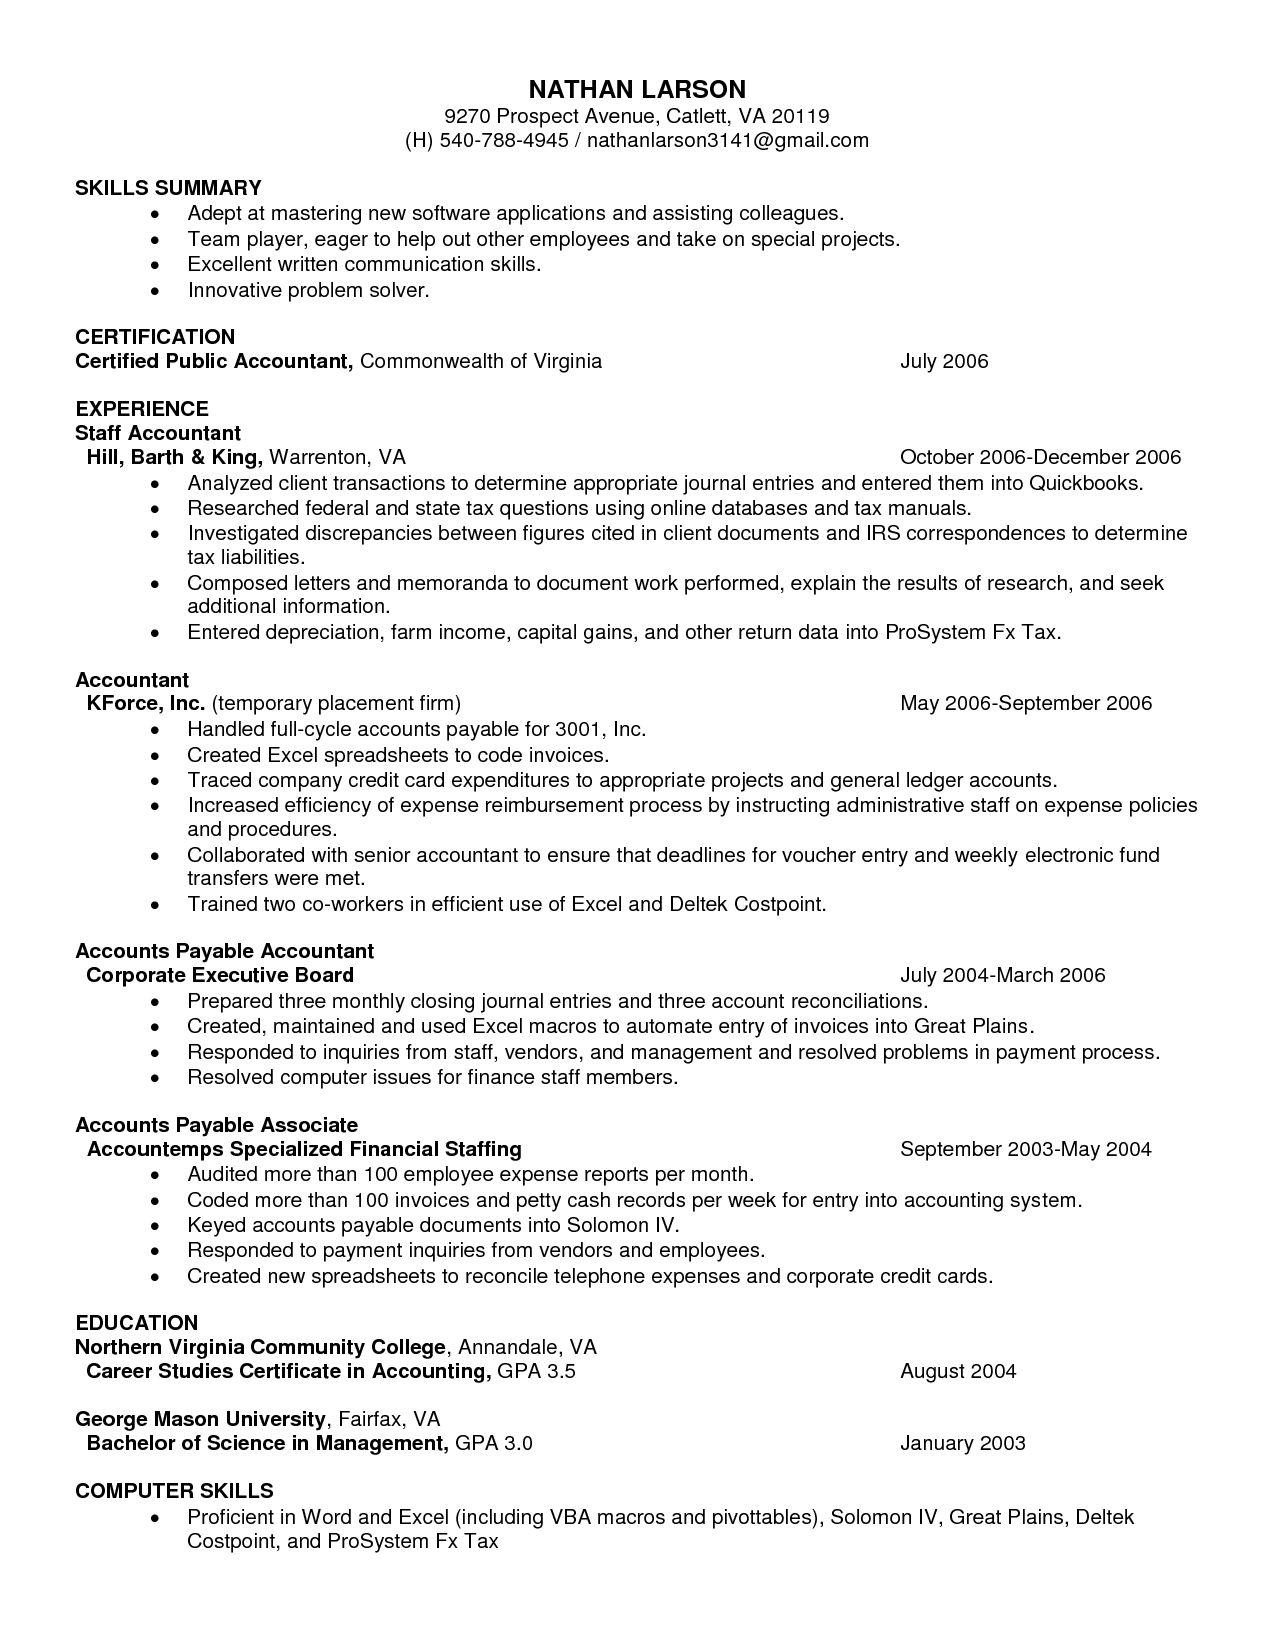 Open Office Spreadsheet Tutorial Pdf In 2021 Best Resume Template Resume Templates Spreadsheet Template